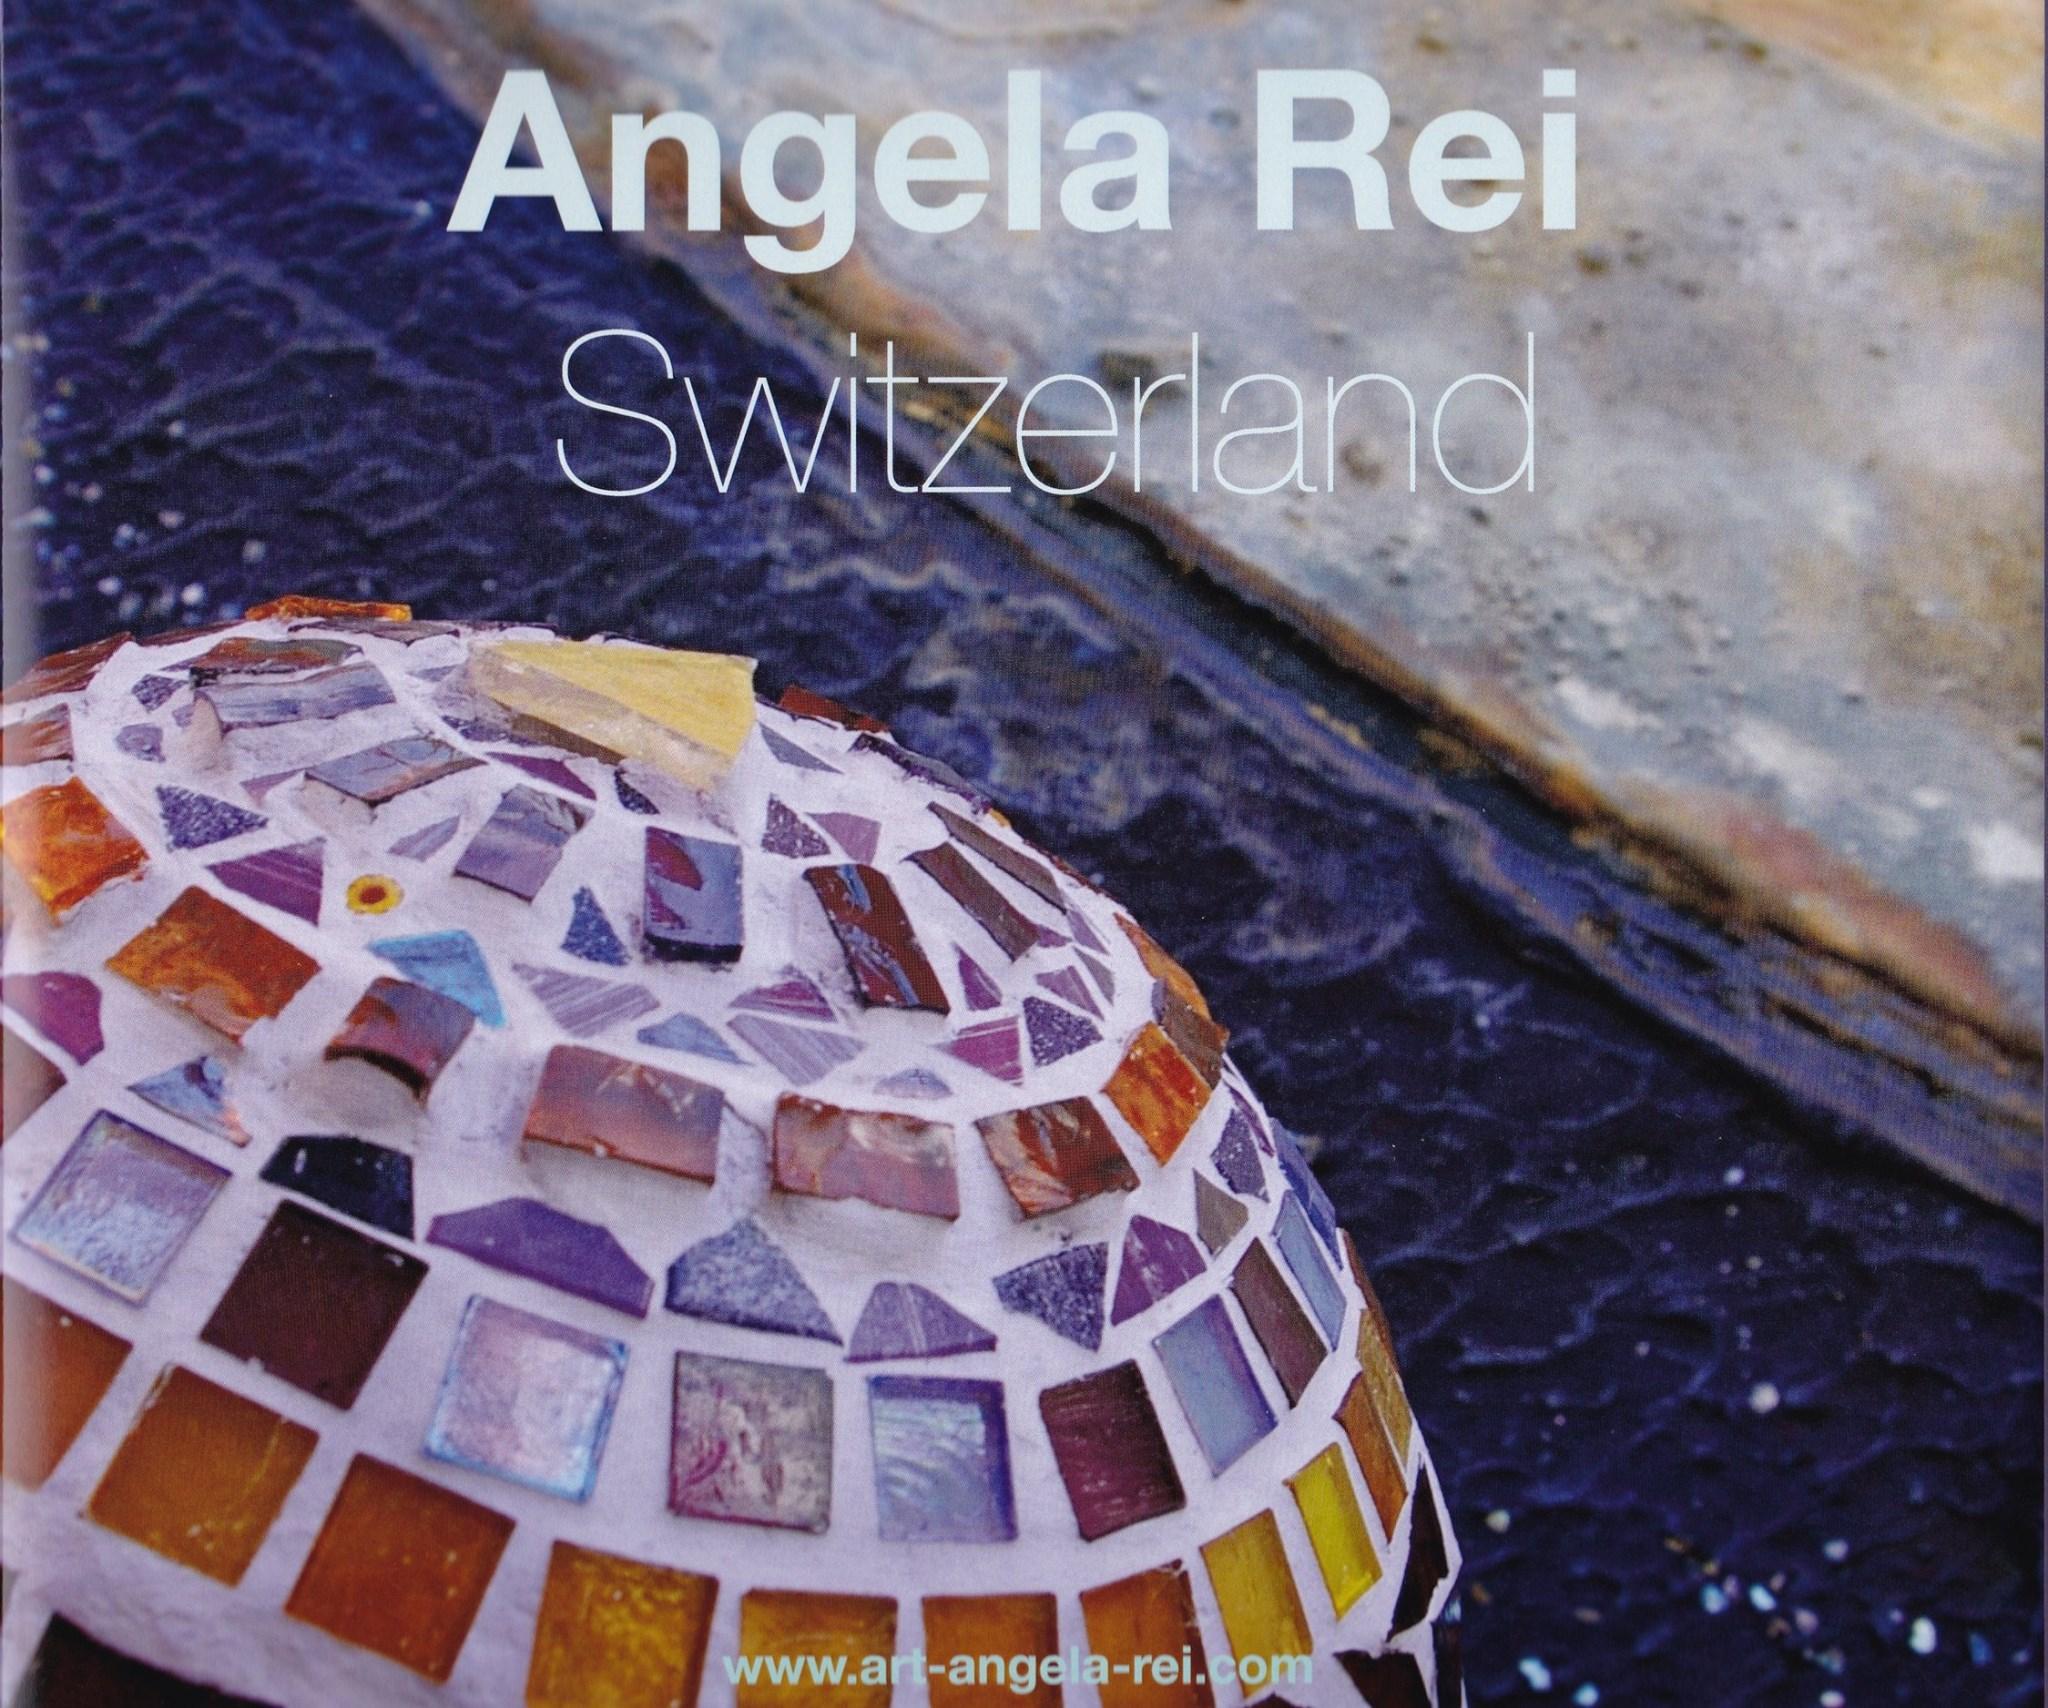 Angela-Rei-CoverArtBook2016